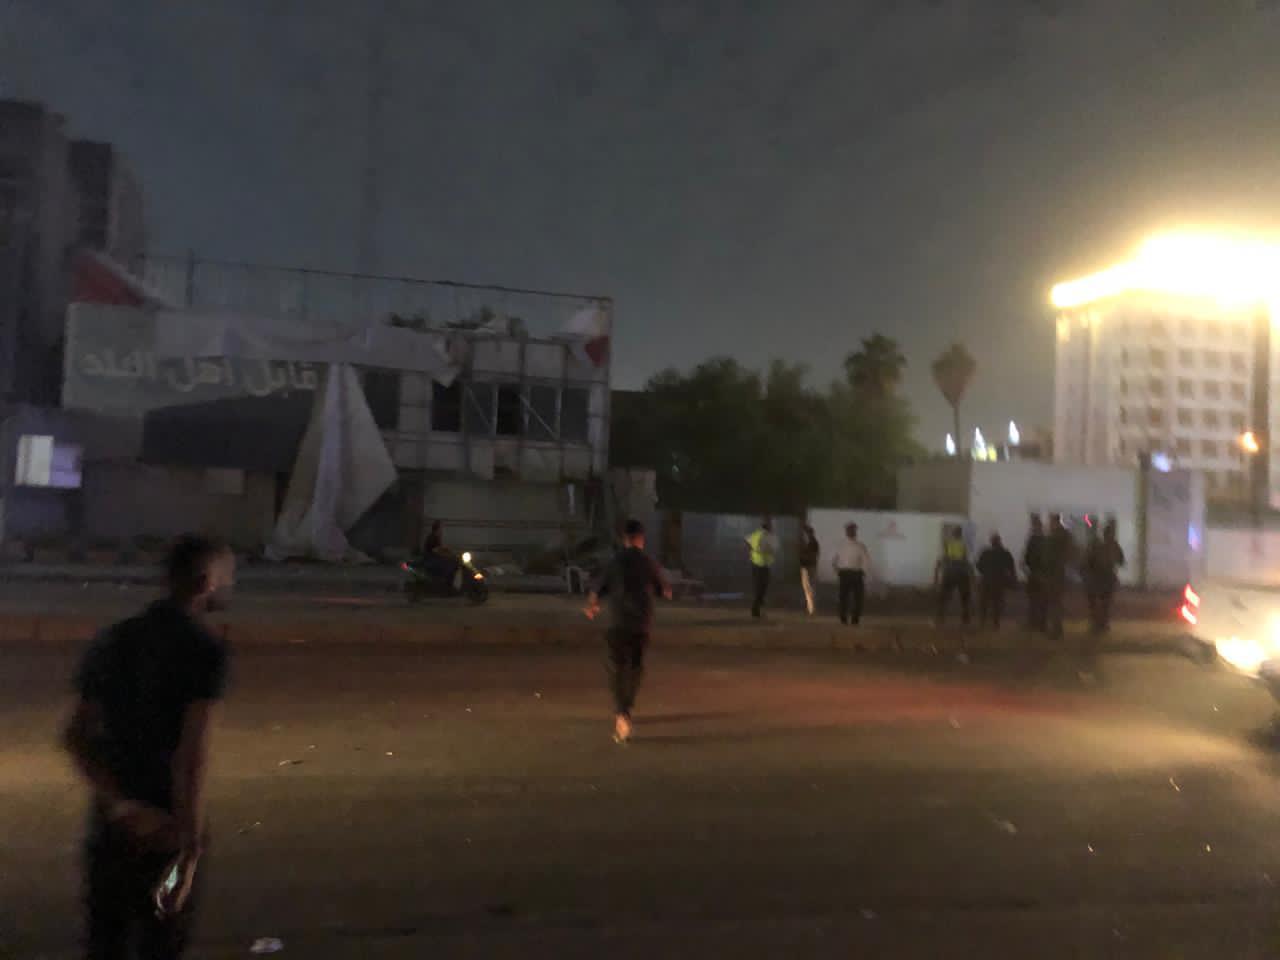 انفجار عبوة ناسفة قرب محل لبيع الخمور وسط بغداد